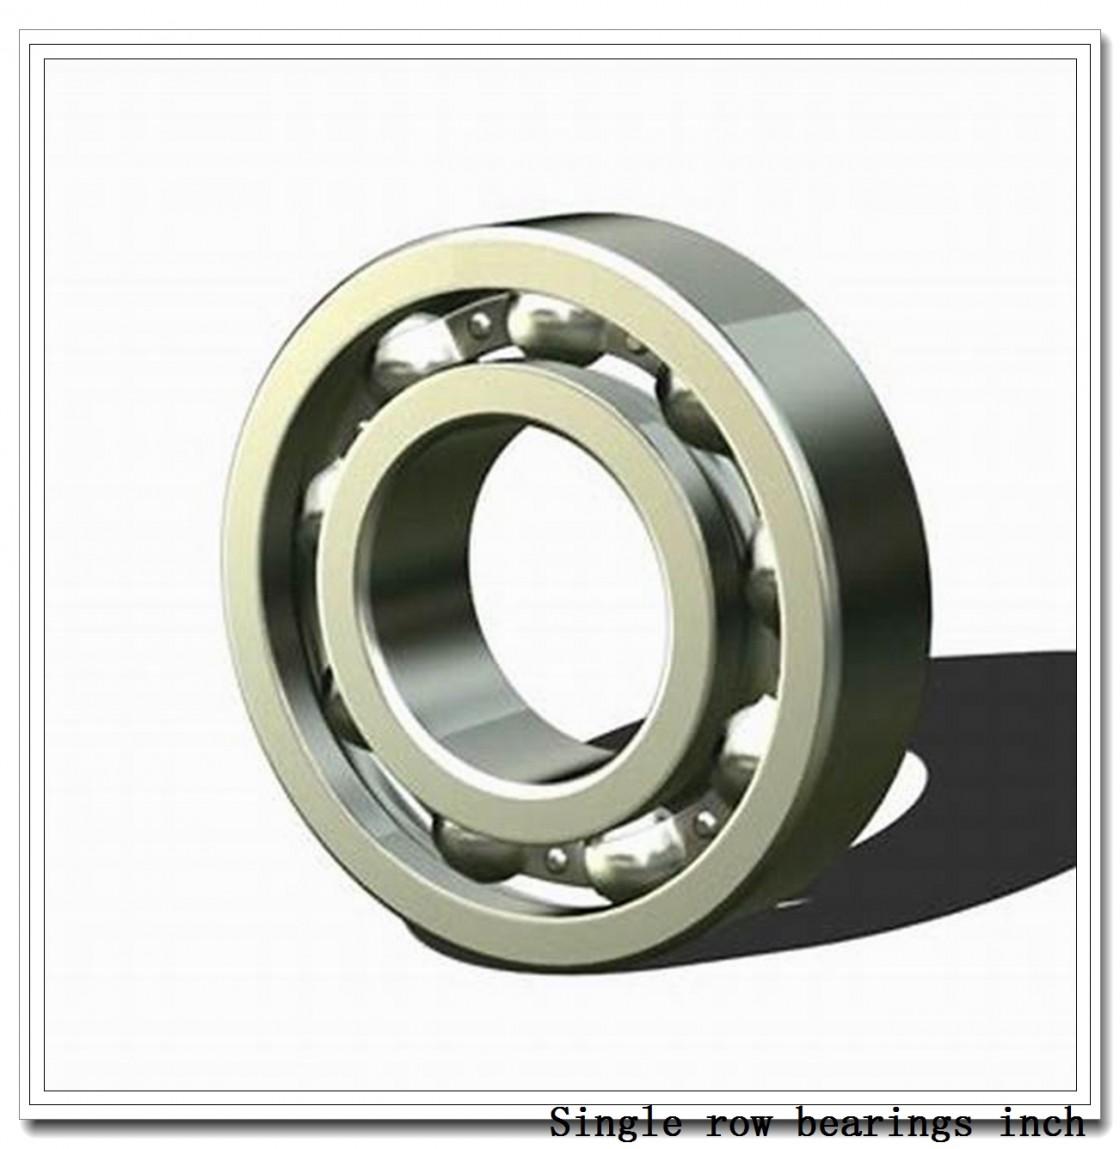 32940 Single row bearings inch